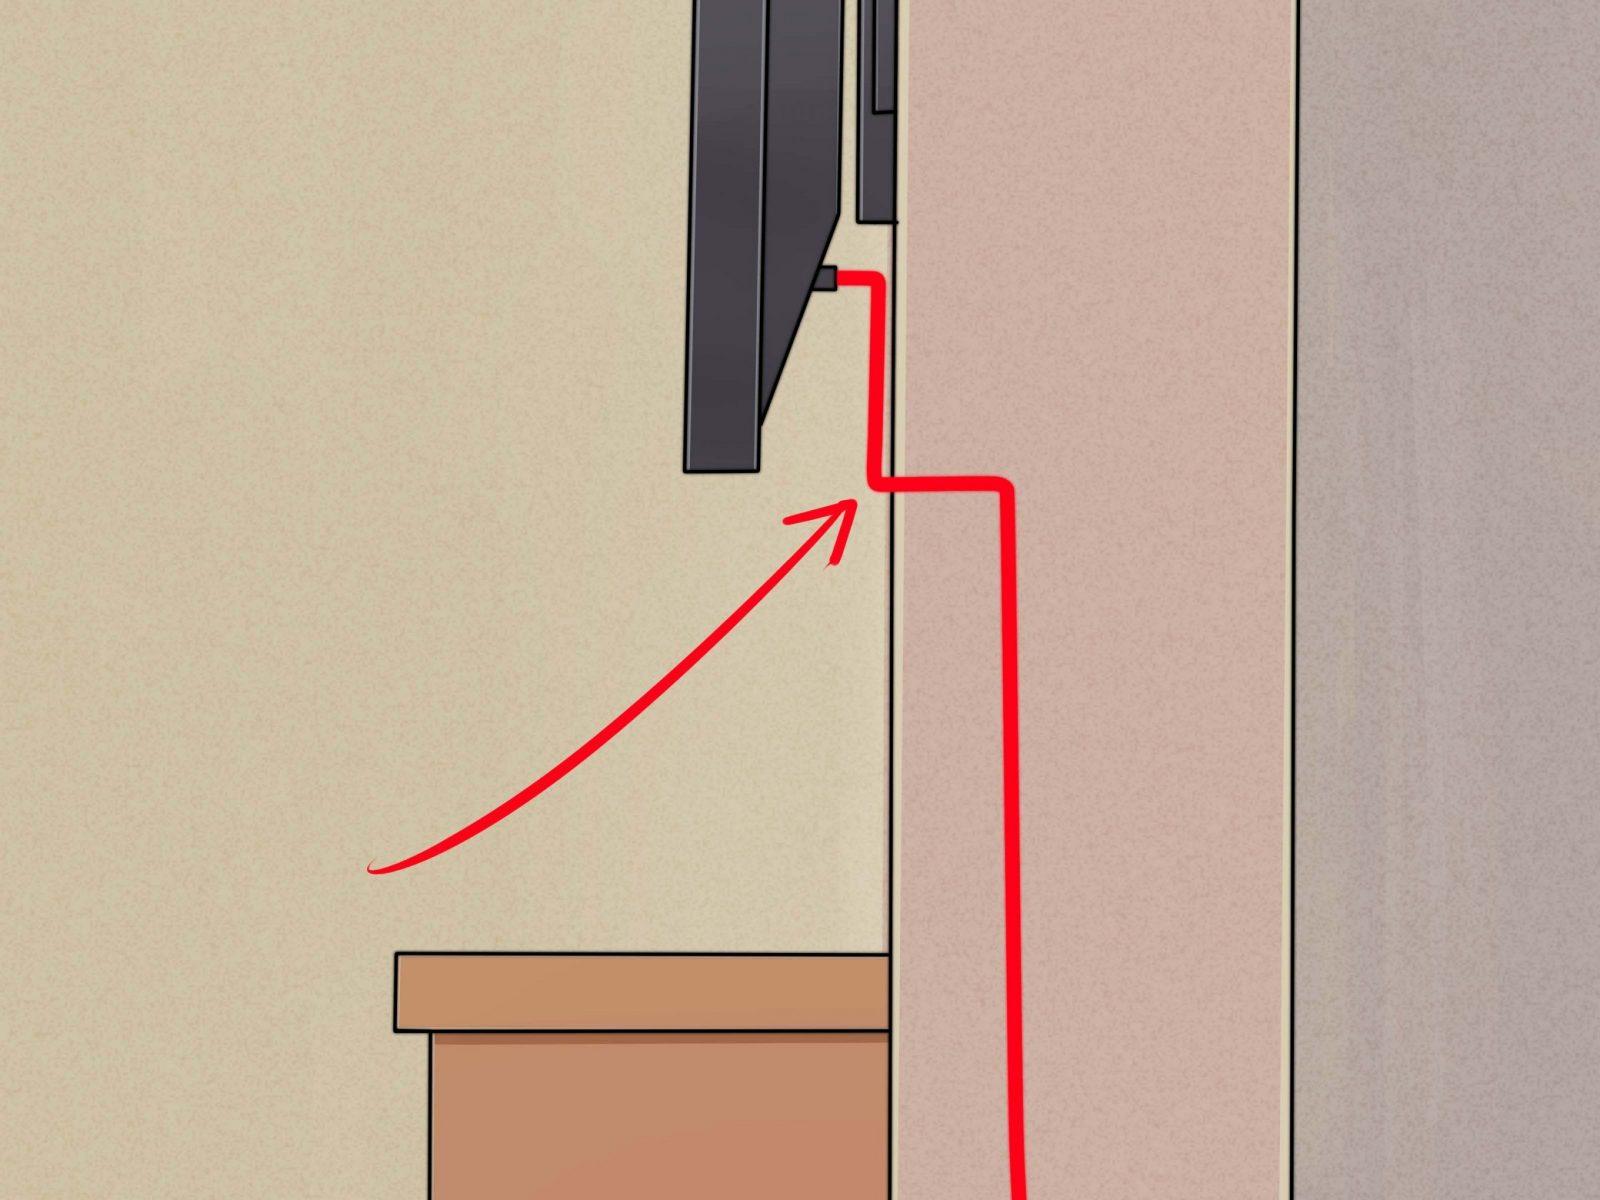 Einen Flachbildfernseher Ohne Sichtbare Kabel An Die Wand Montieren von Fernseher An Die Wand Hängen Kabel Verstecken Bild